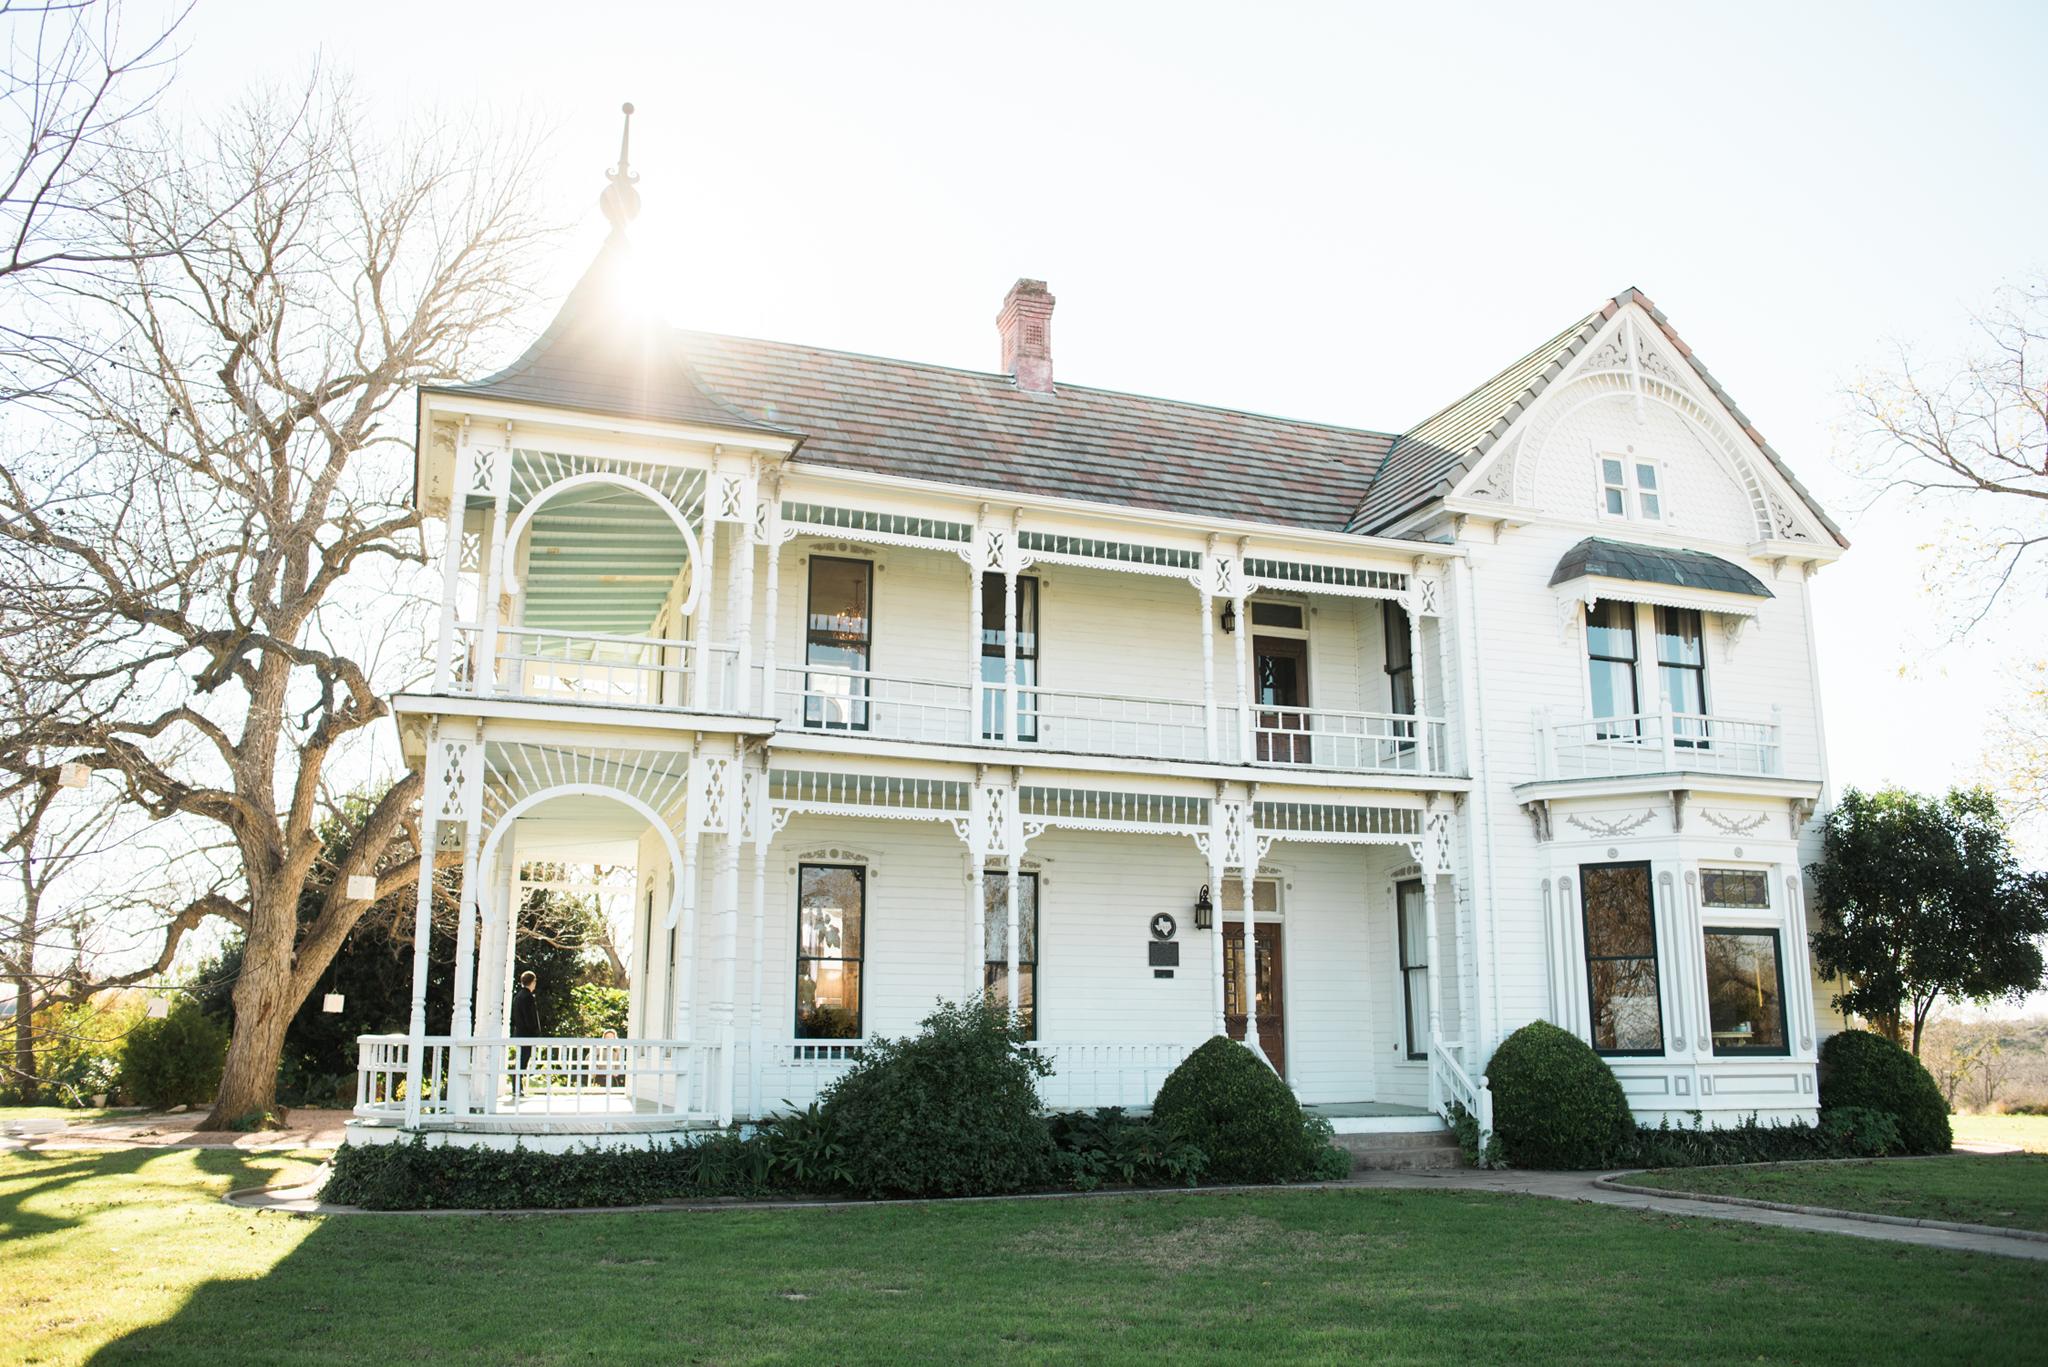 Barr-Mansion-blog-2.png